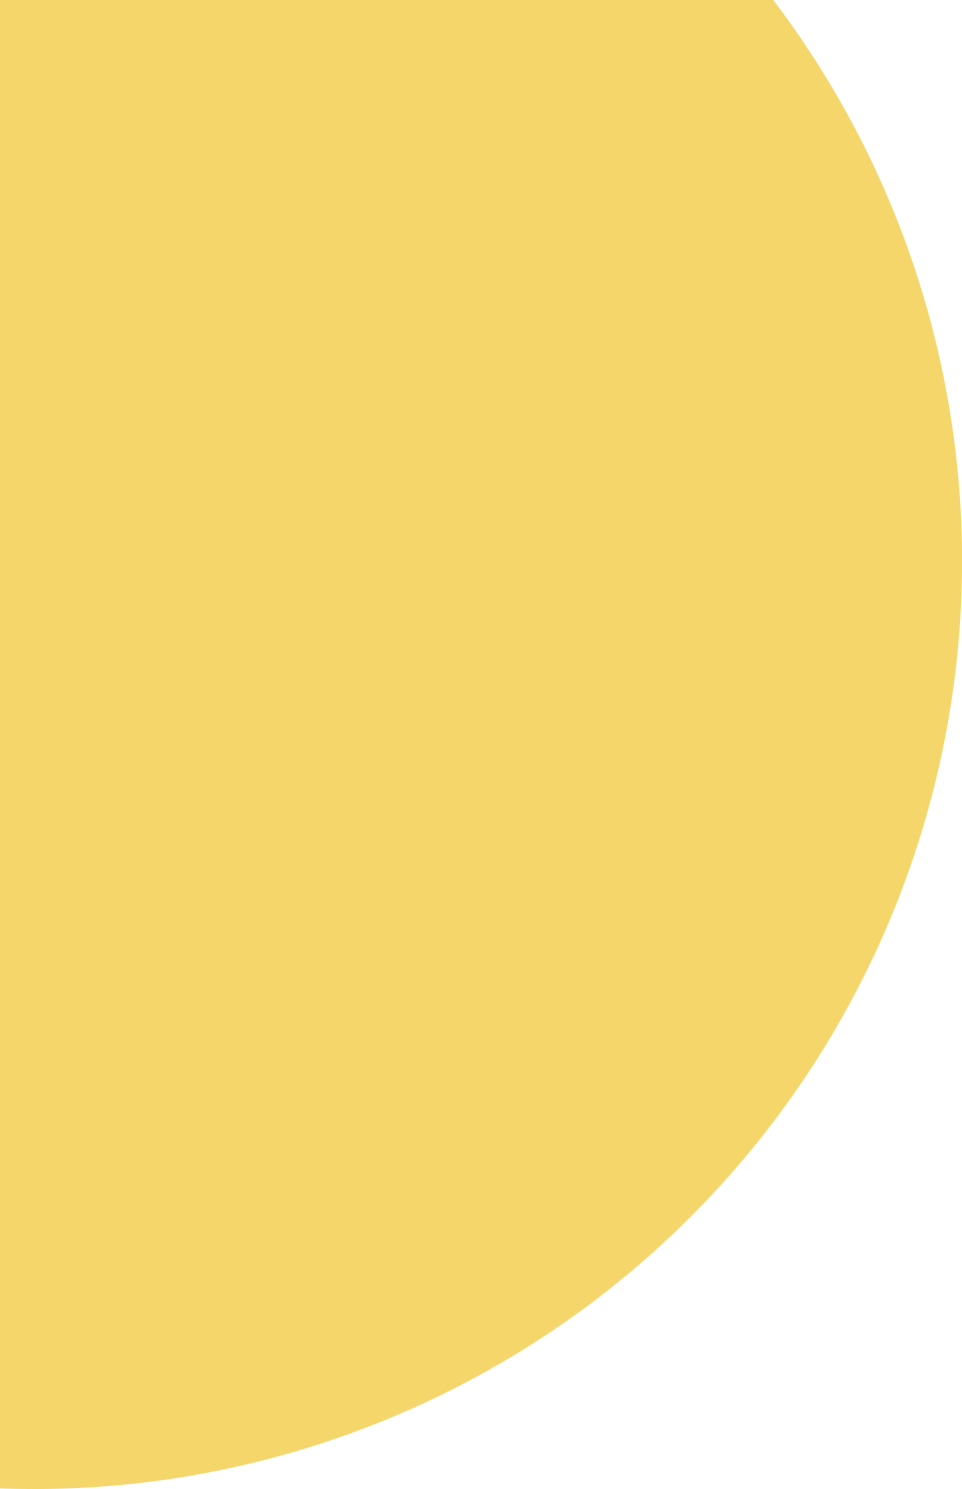 curve image